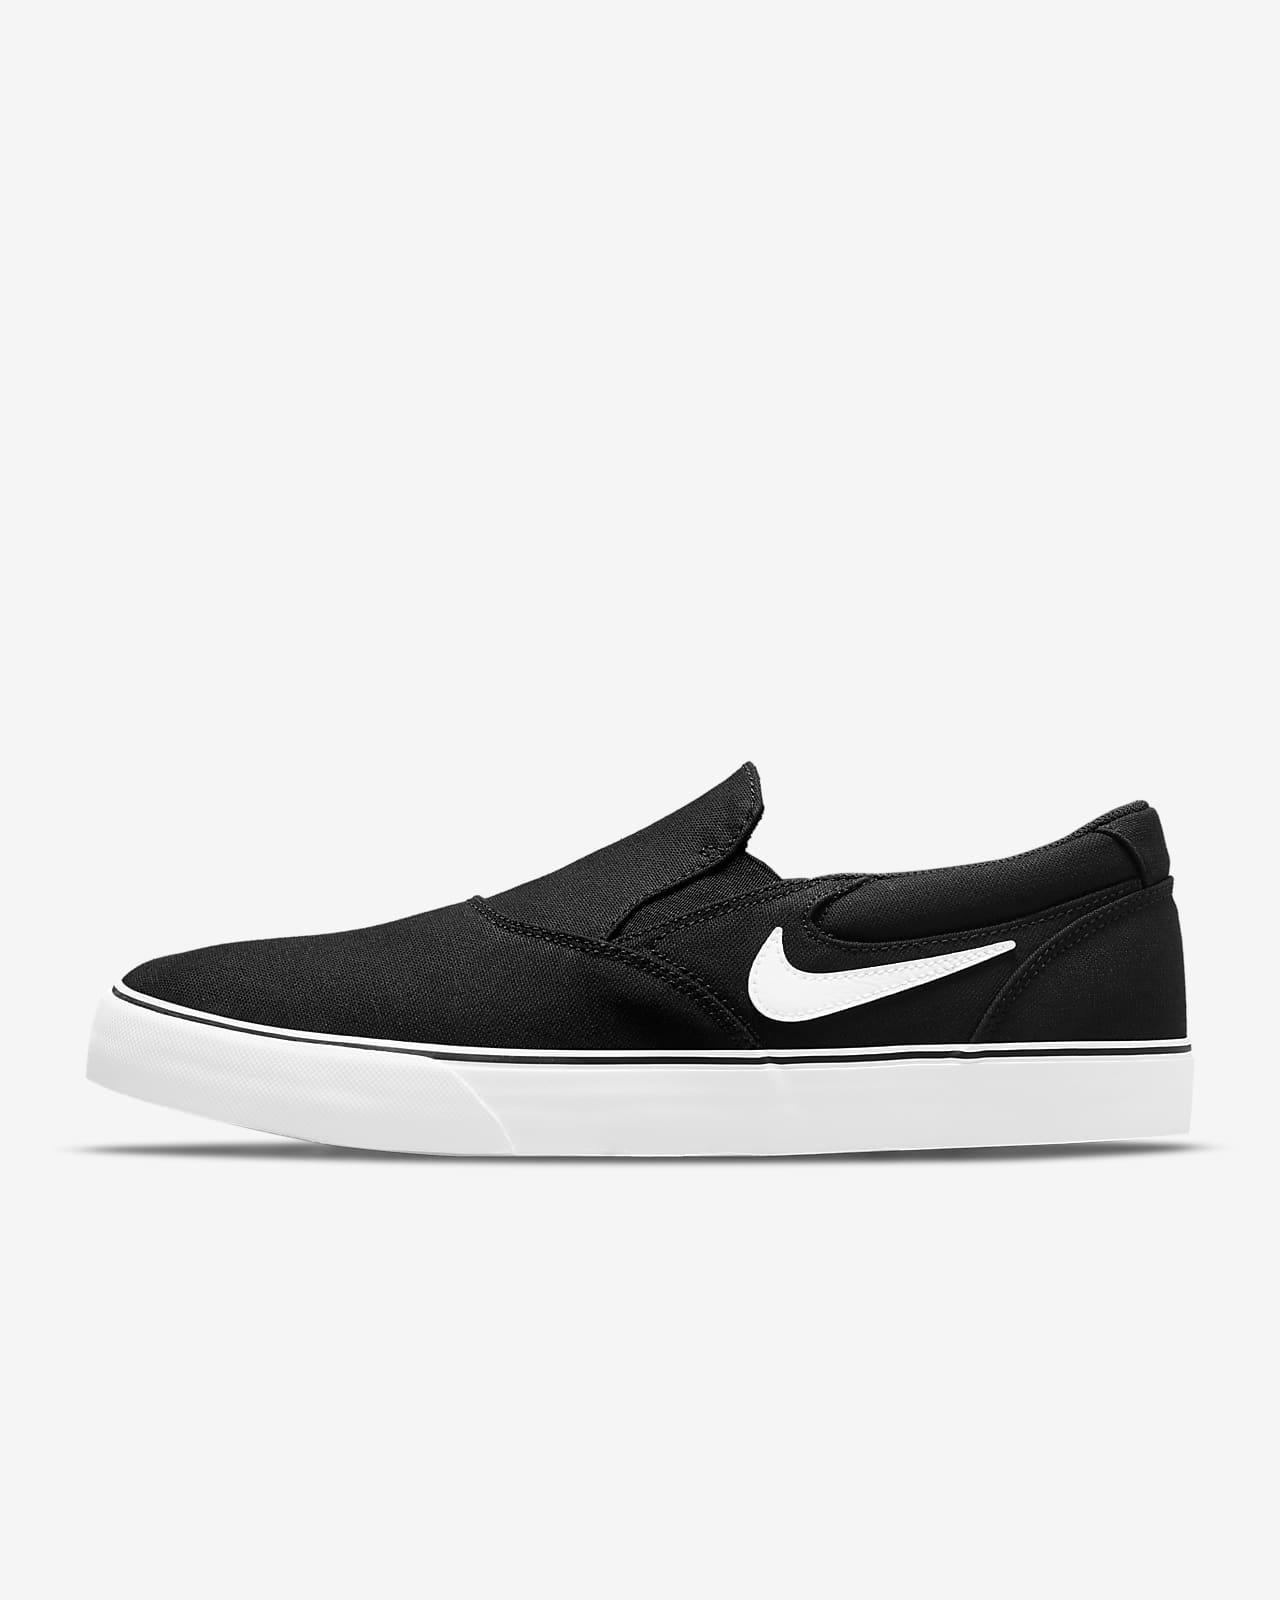 Chaussure de skateboard Nike SB Chron 2 Slip